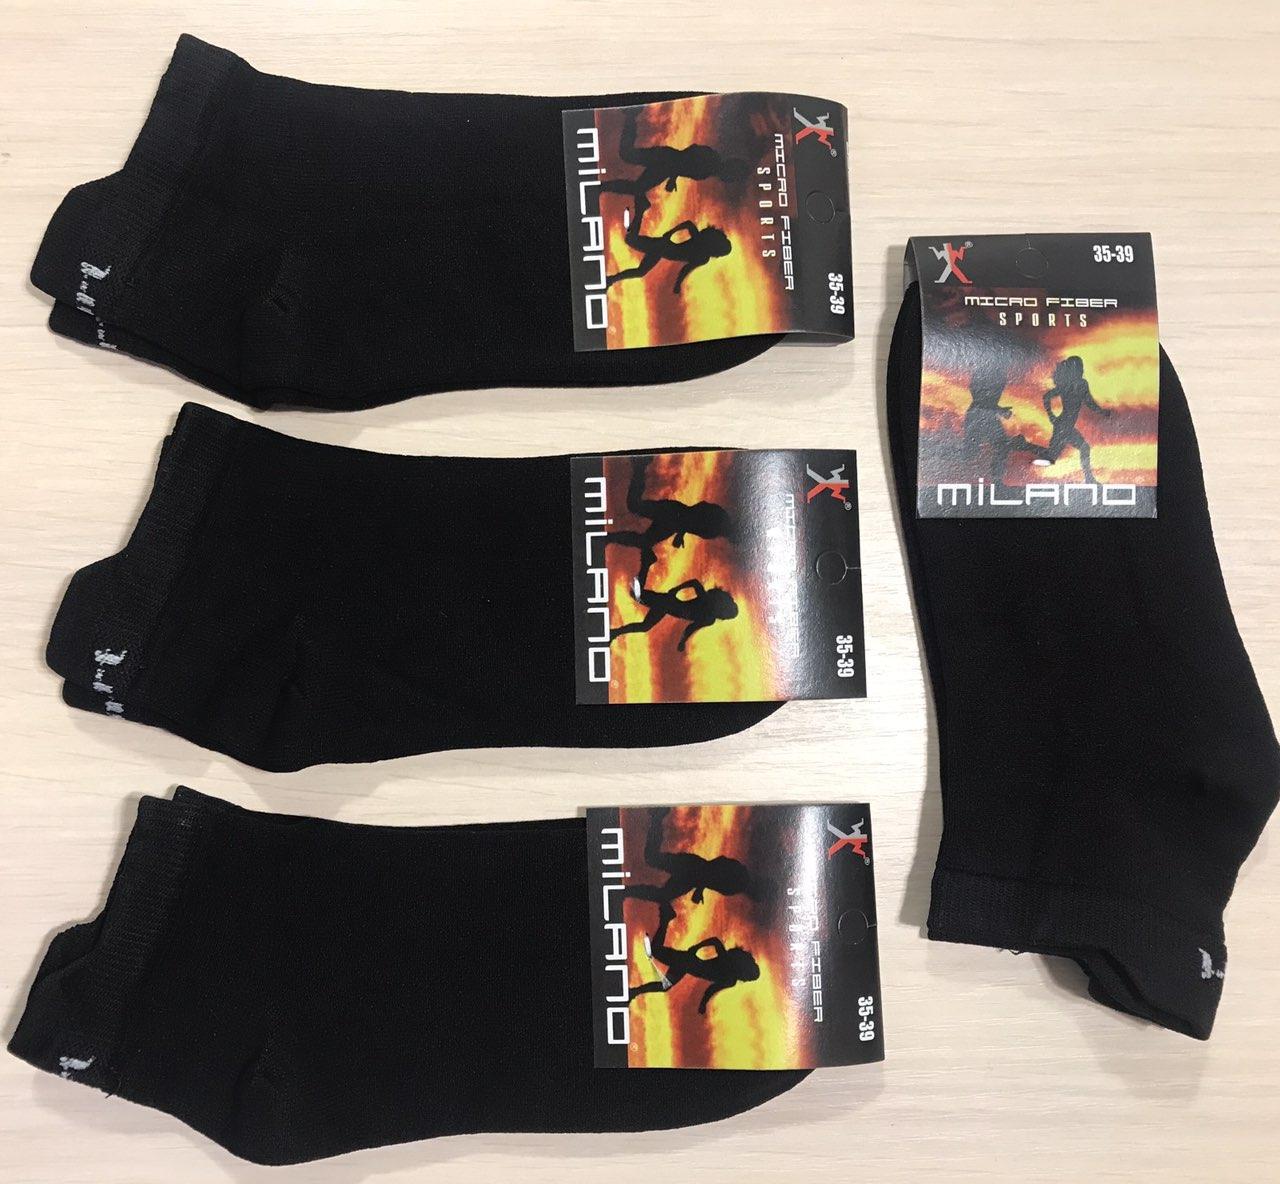 Носки женские демисезонные спортивные микрофибра MILANO Турция размер 35-39 чёрные